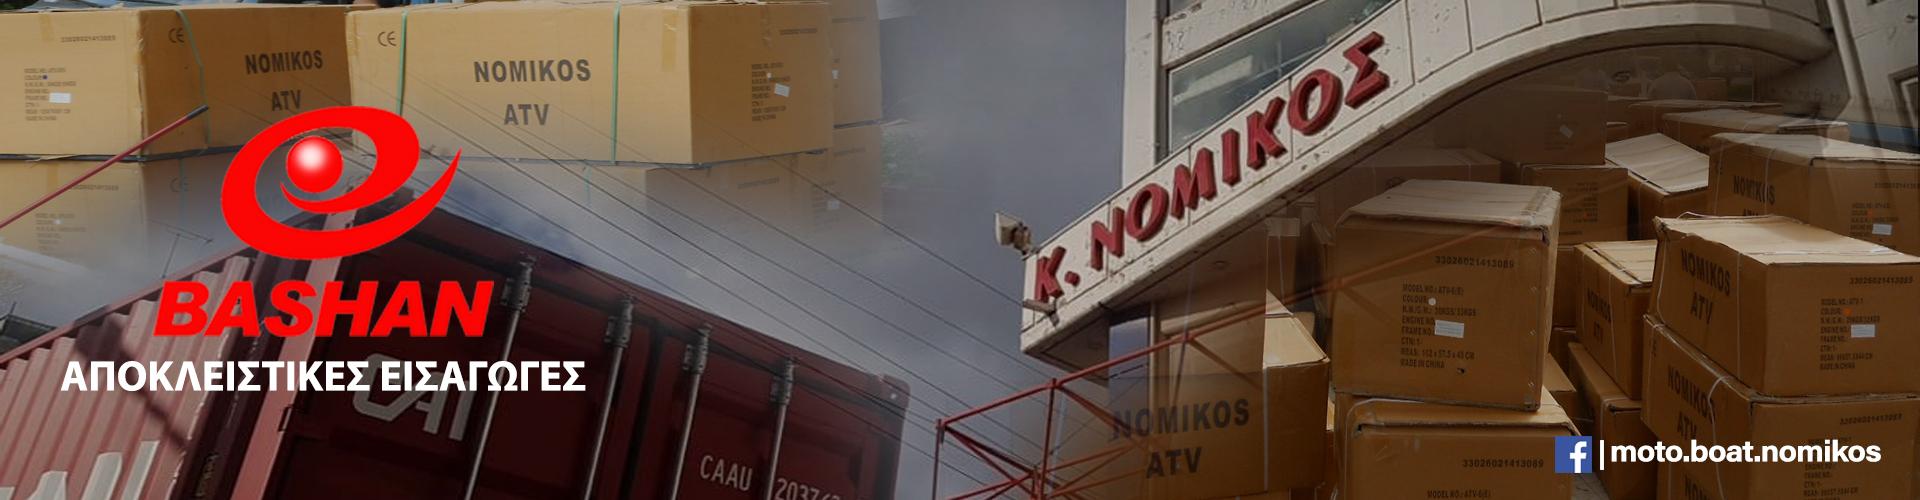 Εισαγωγές BASHAN ATV γουρούνες αποκλειστικά ΝΟΜΙΚΟΣ motonomikos.gr